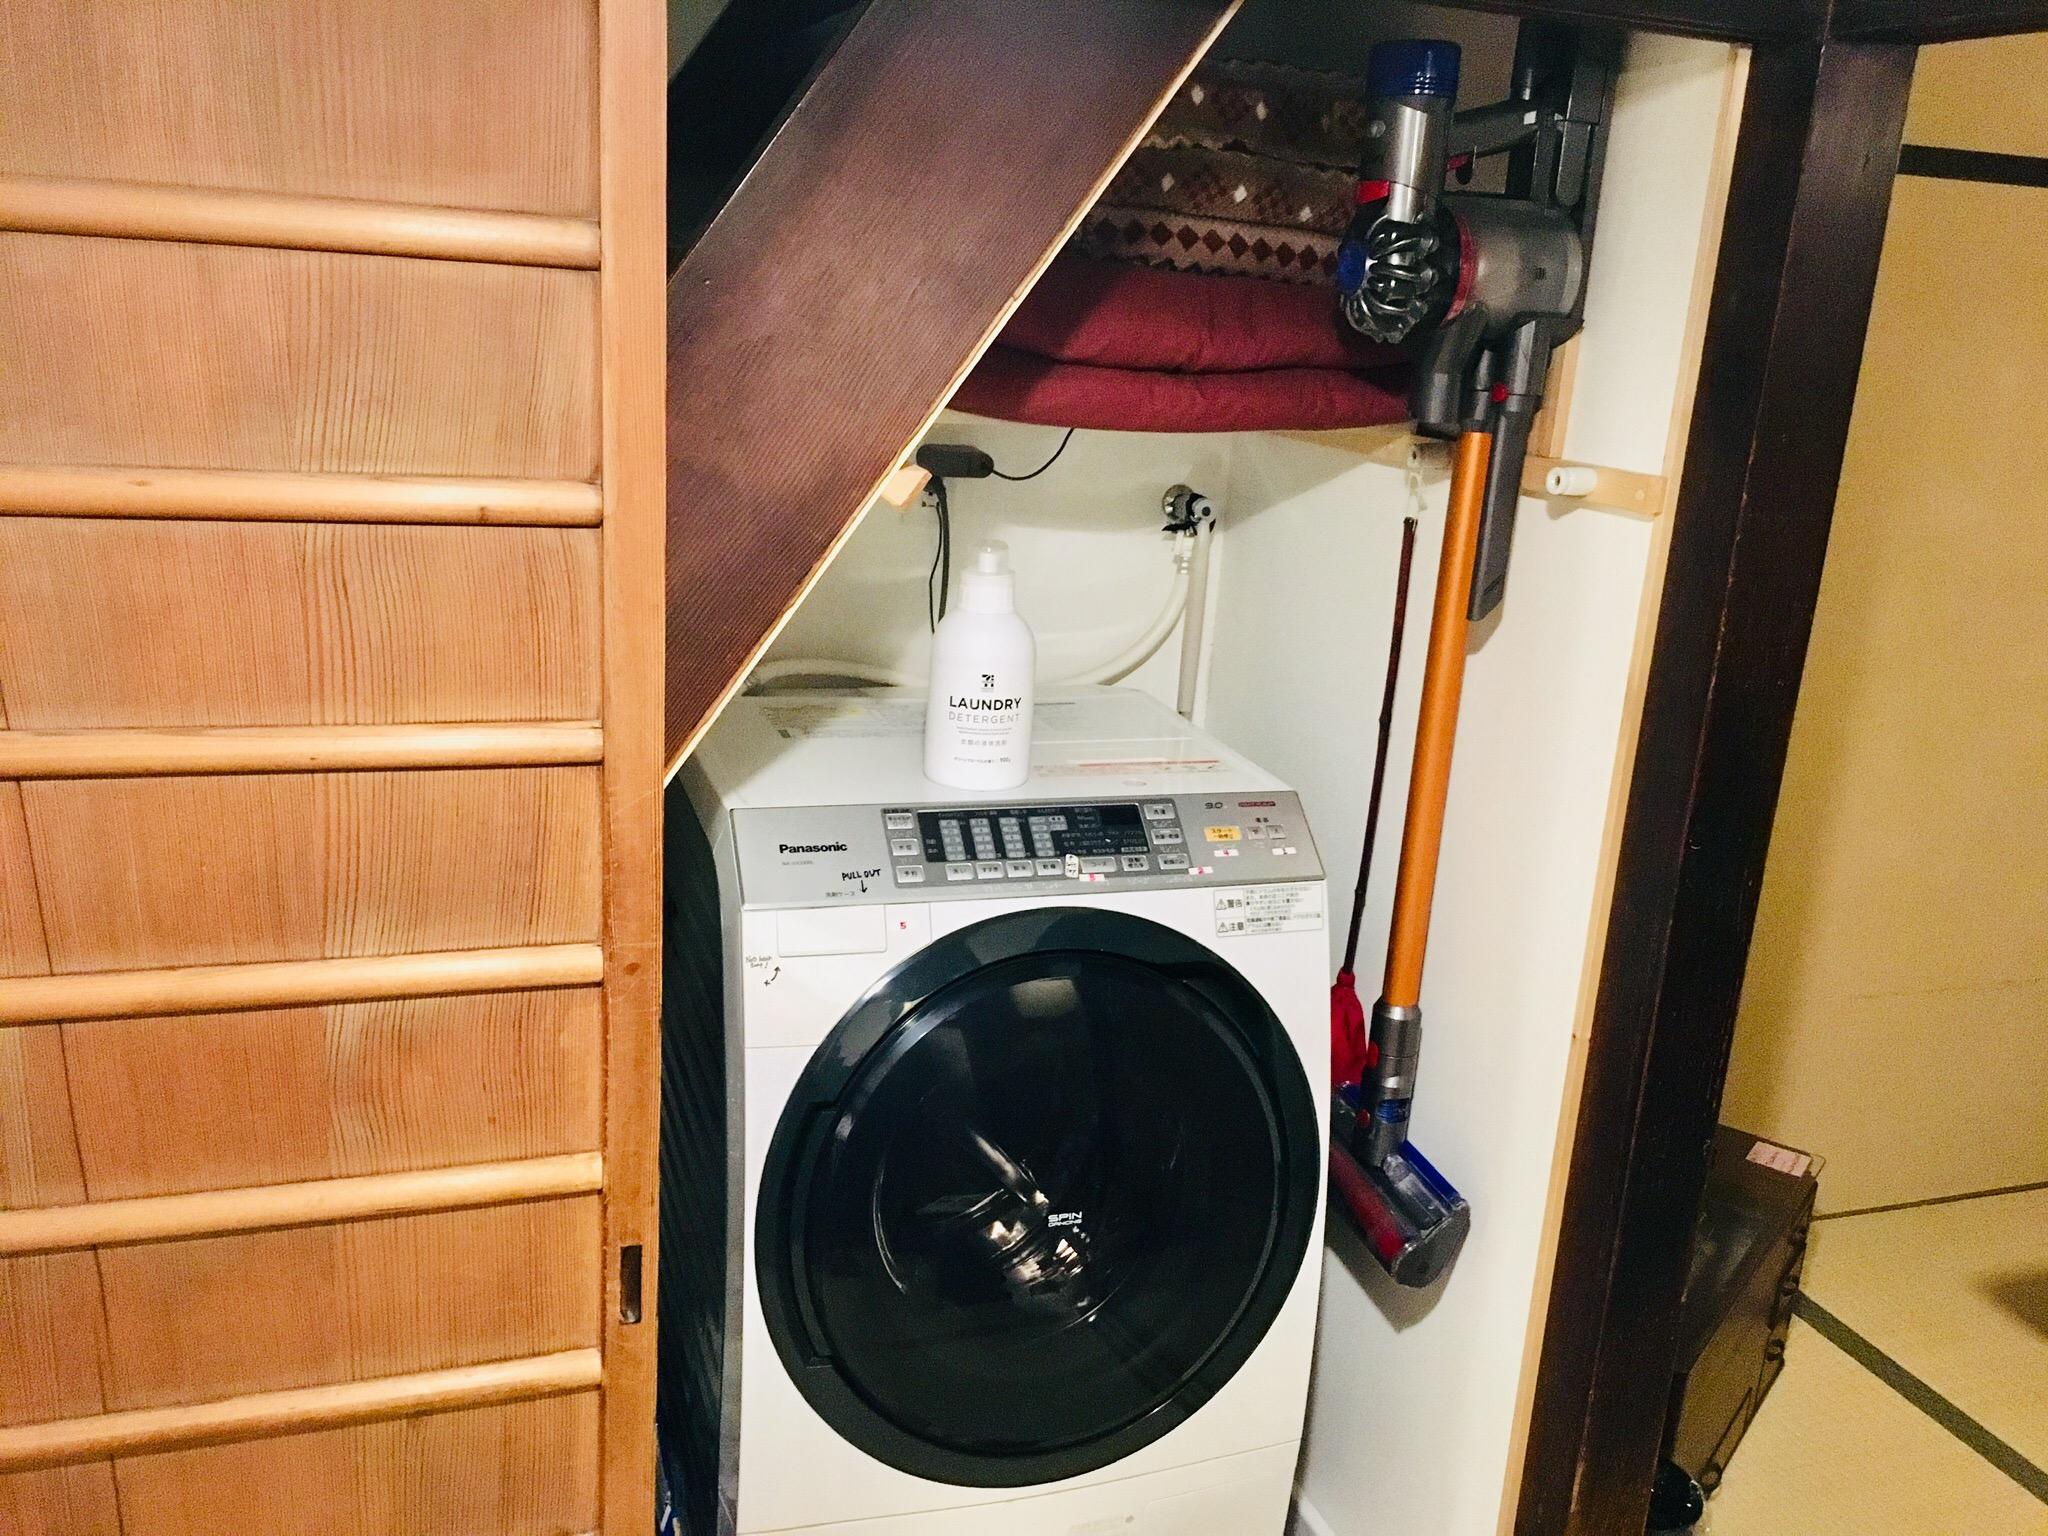 洗濯乾燥機(洗濯用洗剤)や掃除機、アイロン等完備